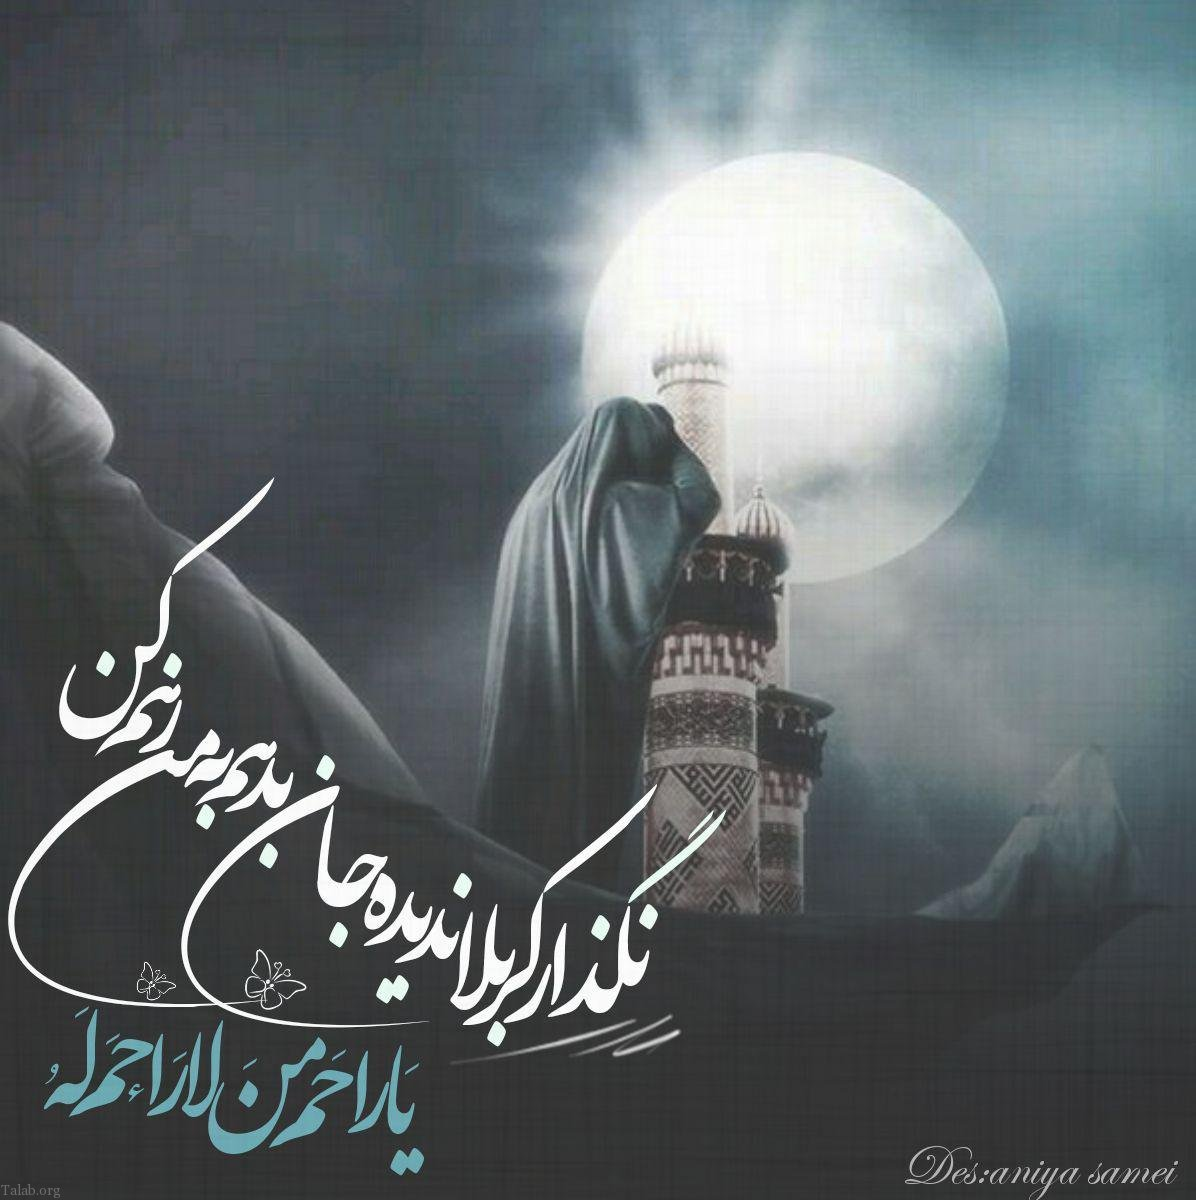 عکس پروفایل محرم | عکس ویژه ماه محرم | عکس نوشته محرم